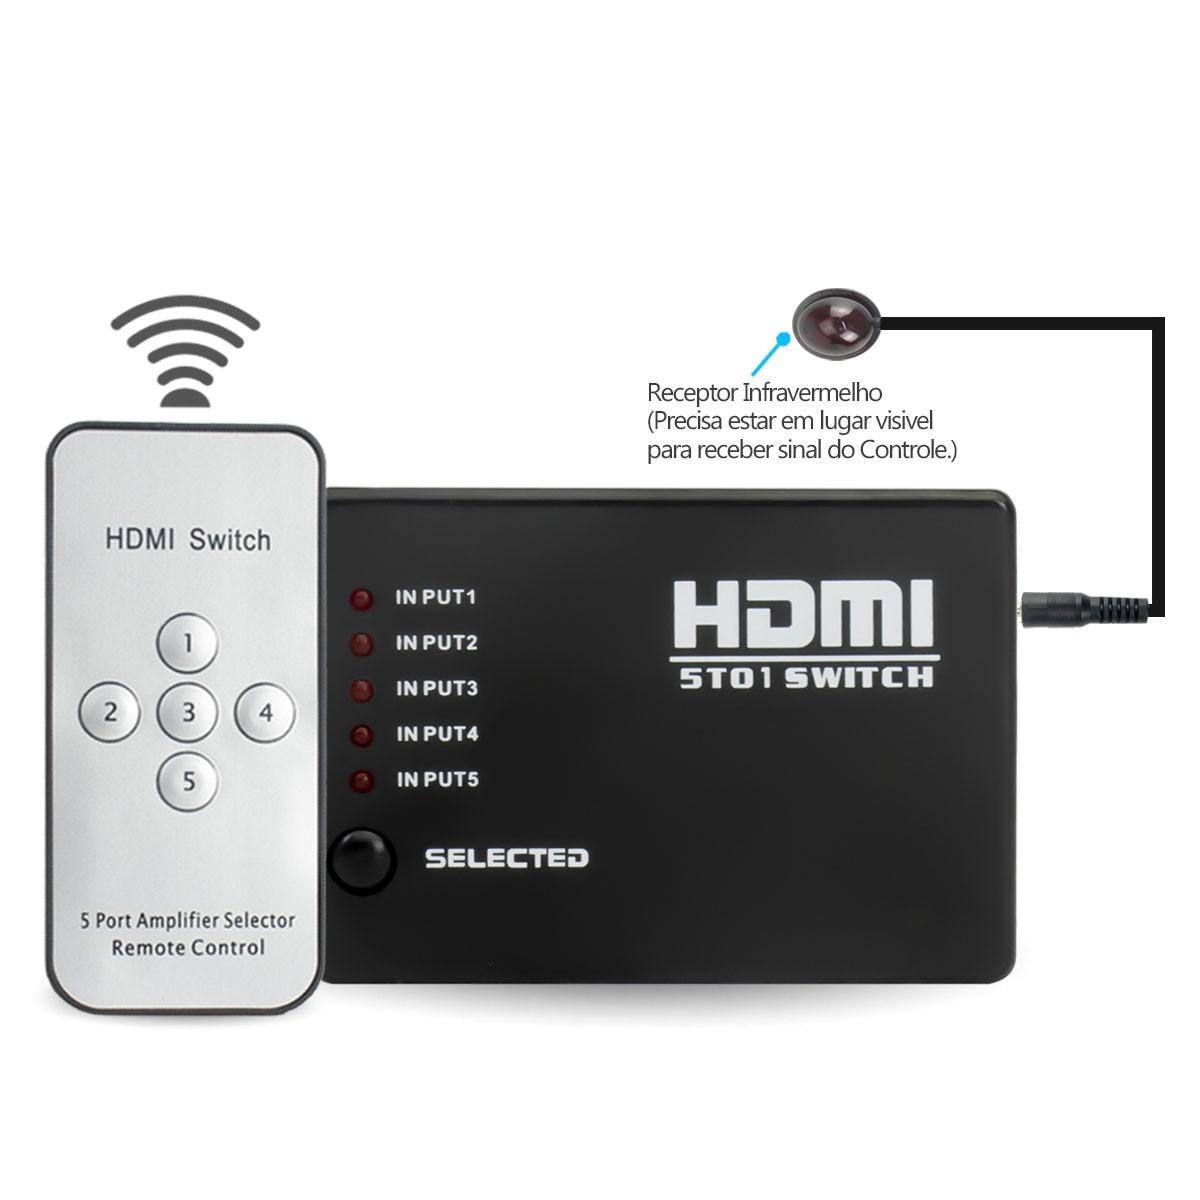 KIT Switch HDMI 5 Entradas x 1 Saida com Controle Remoto e Extensor + 3 Cabo hdmi de 1 Metro